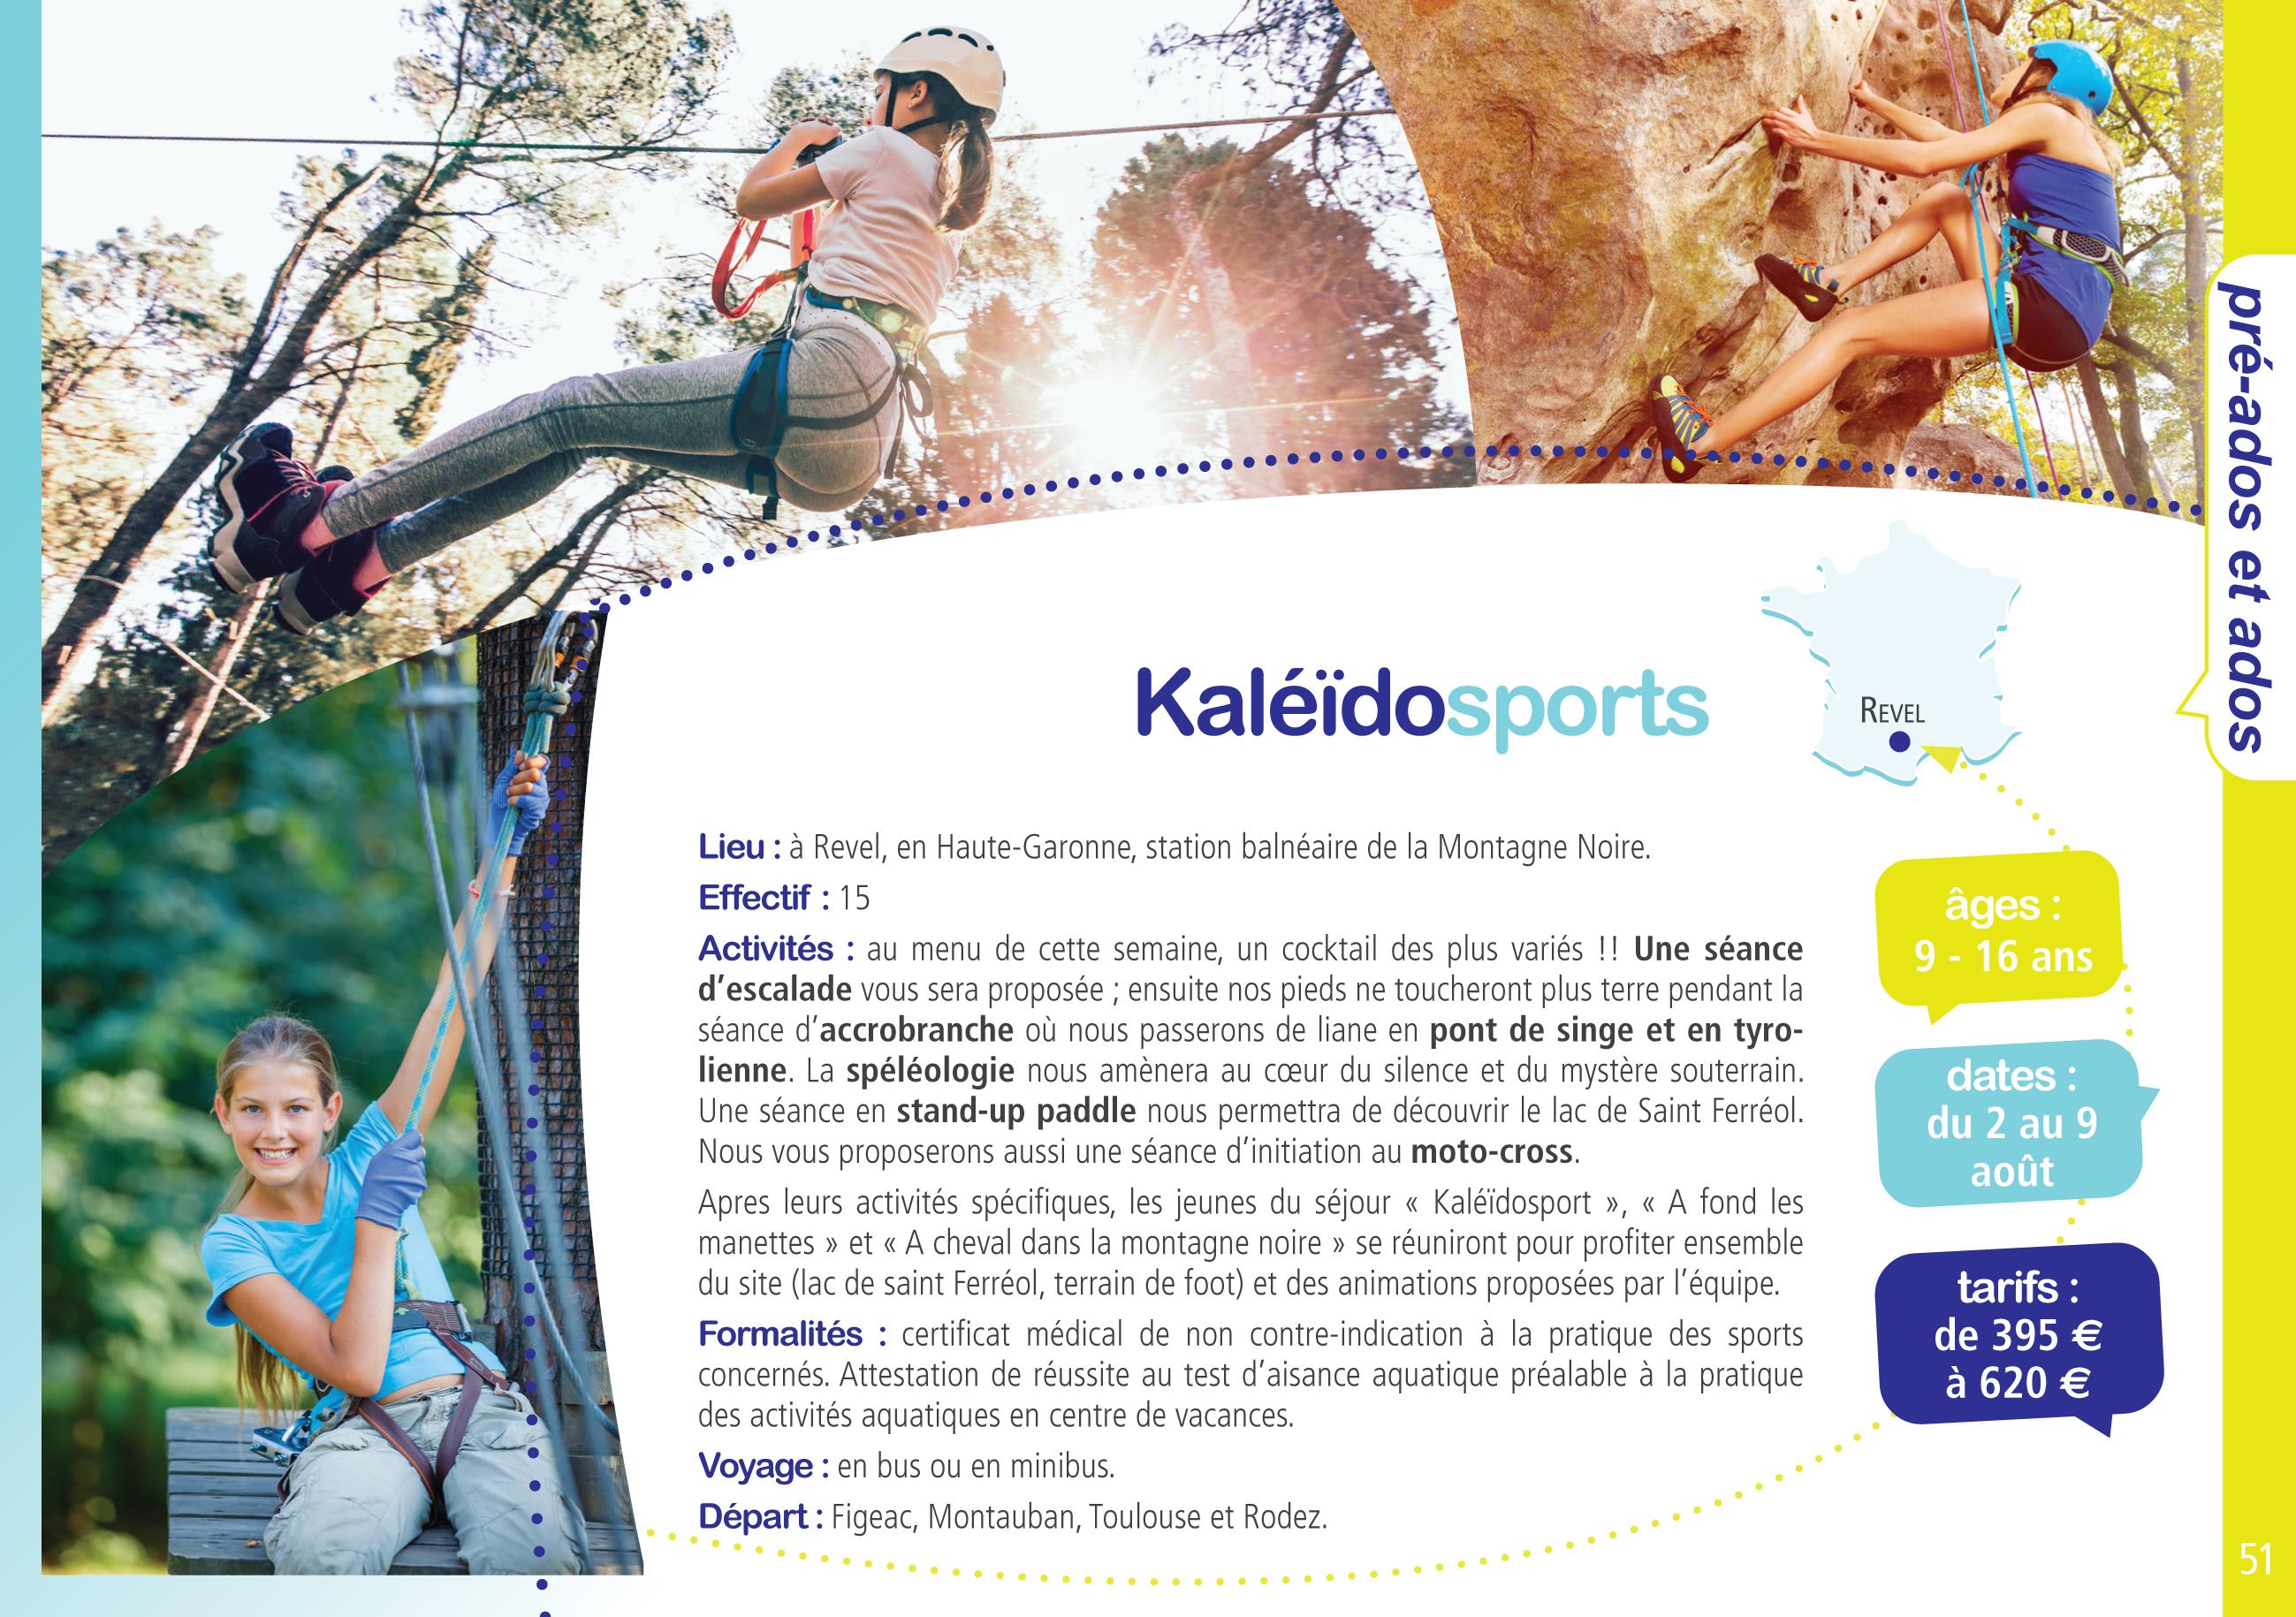 kaleidosports